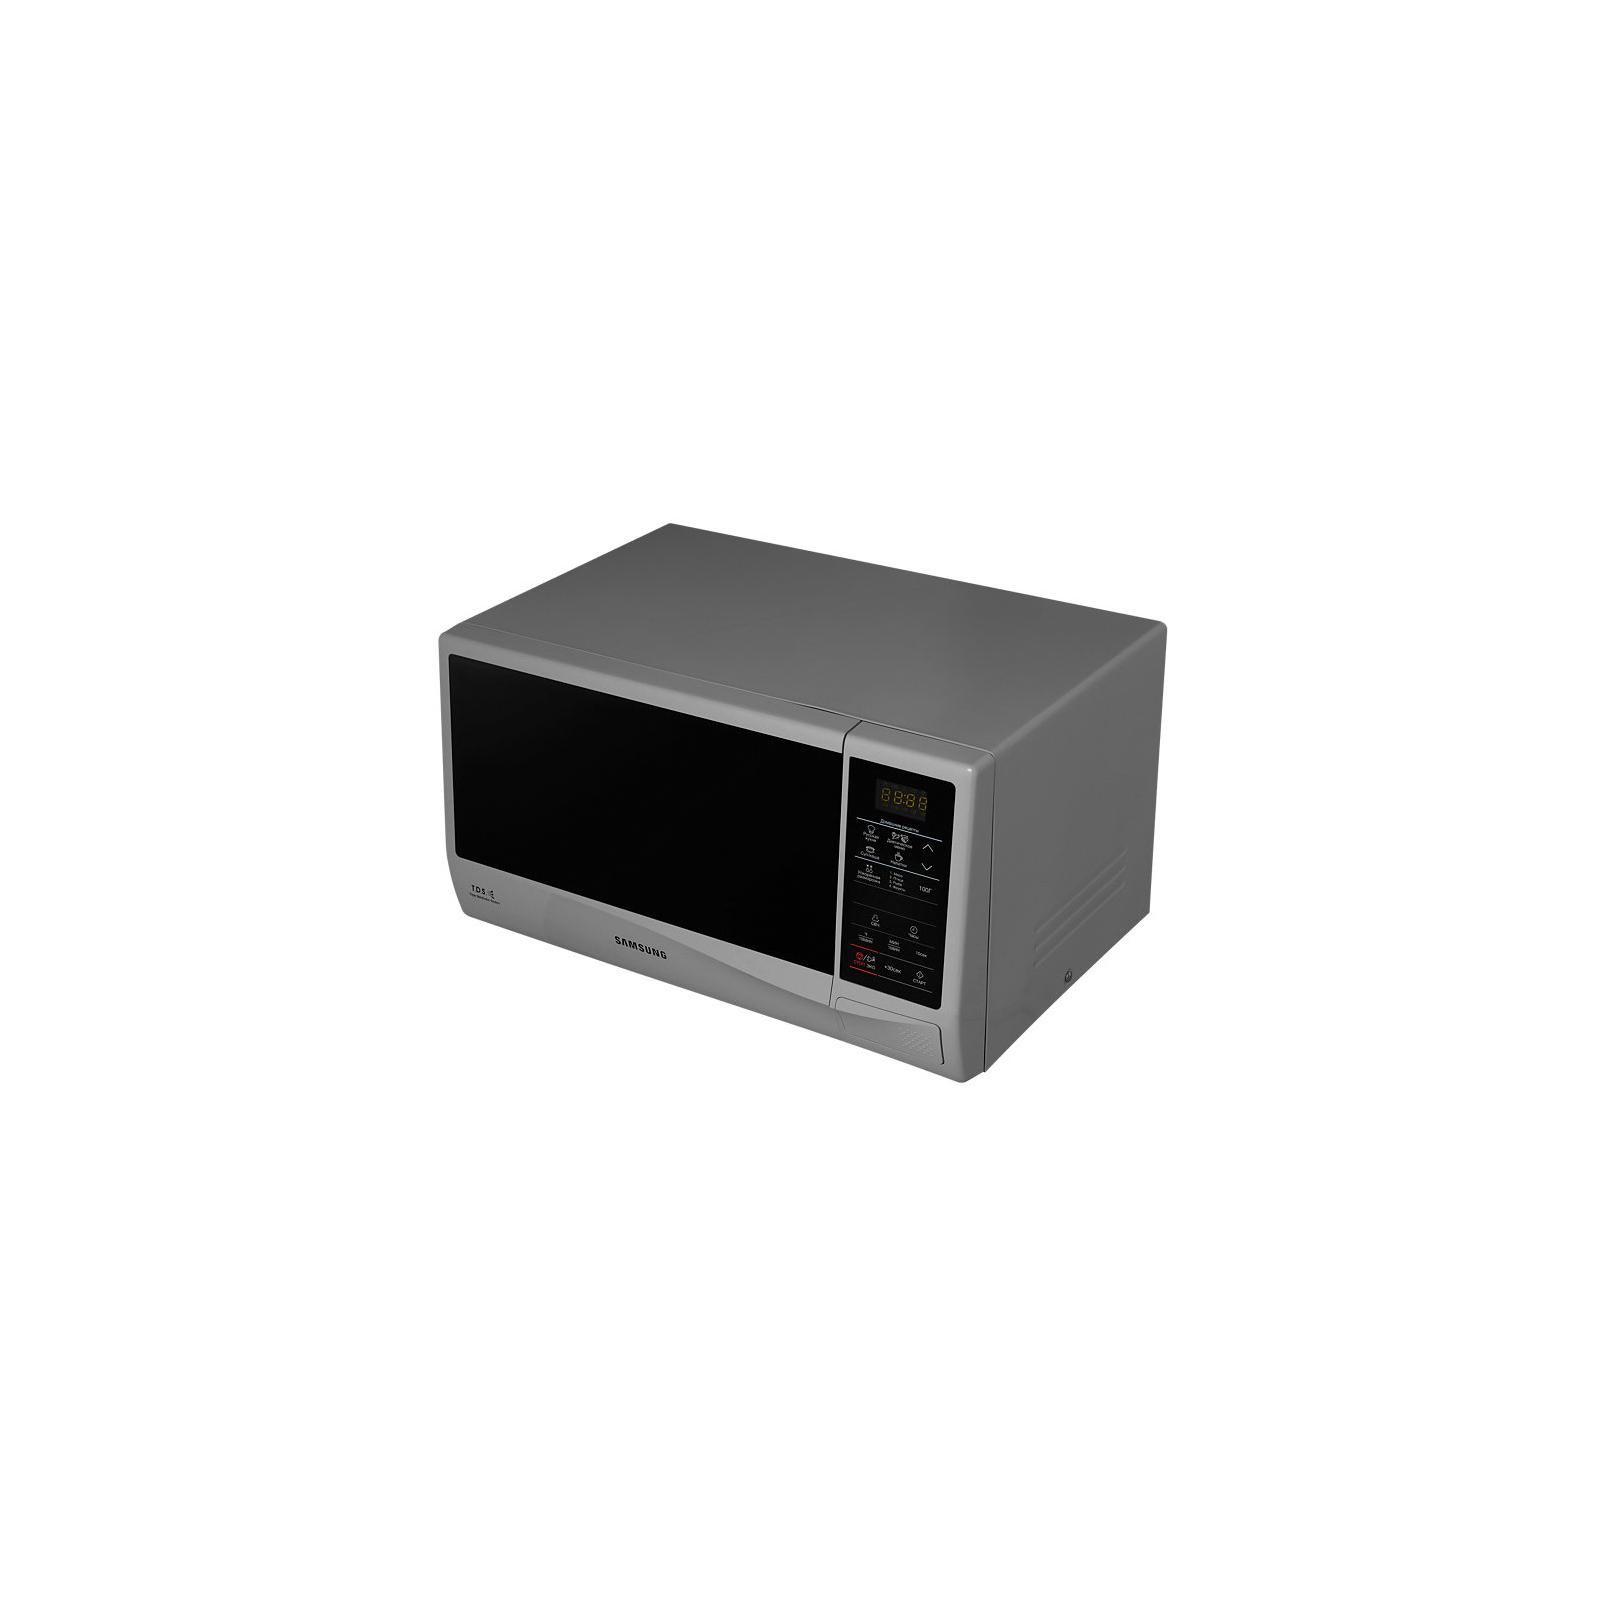 Микроволновая печь Samsung ME 83 KRS-2/BW (ME83KRS-2/BW) изображение 4